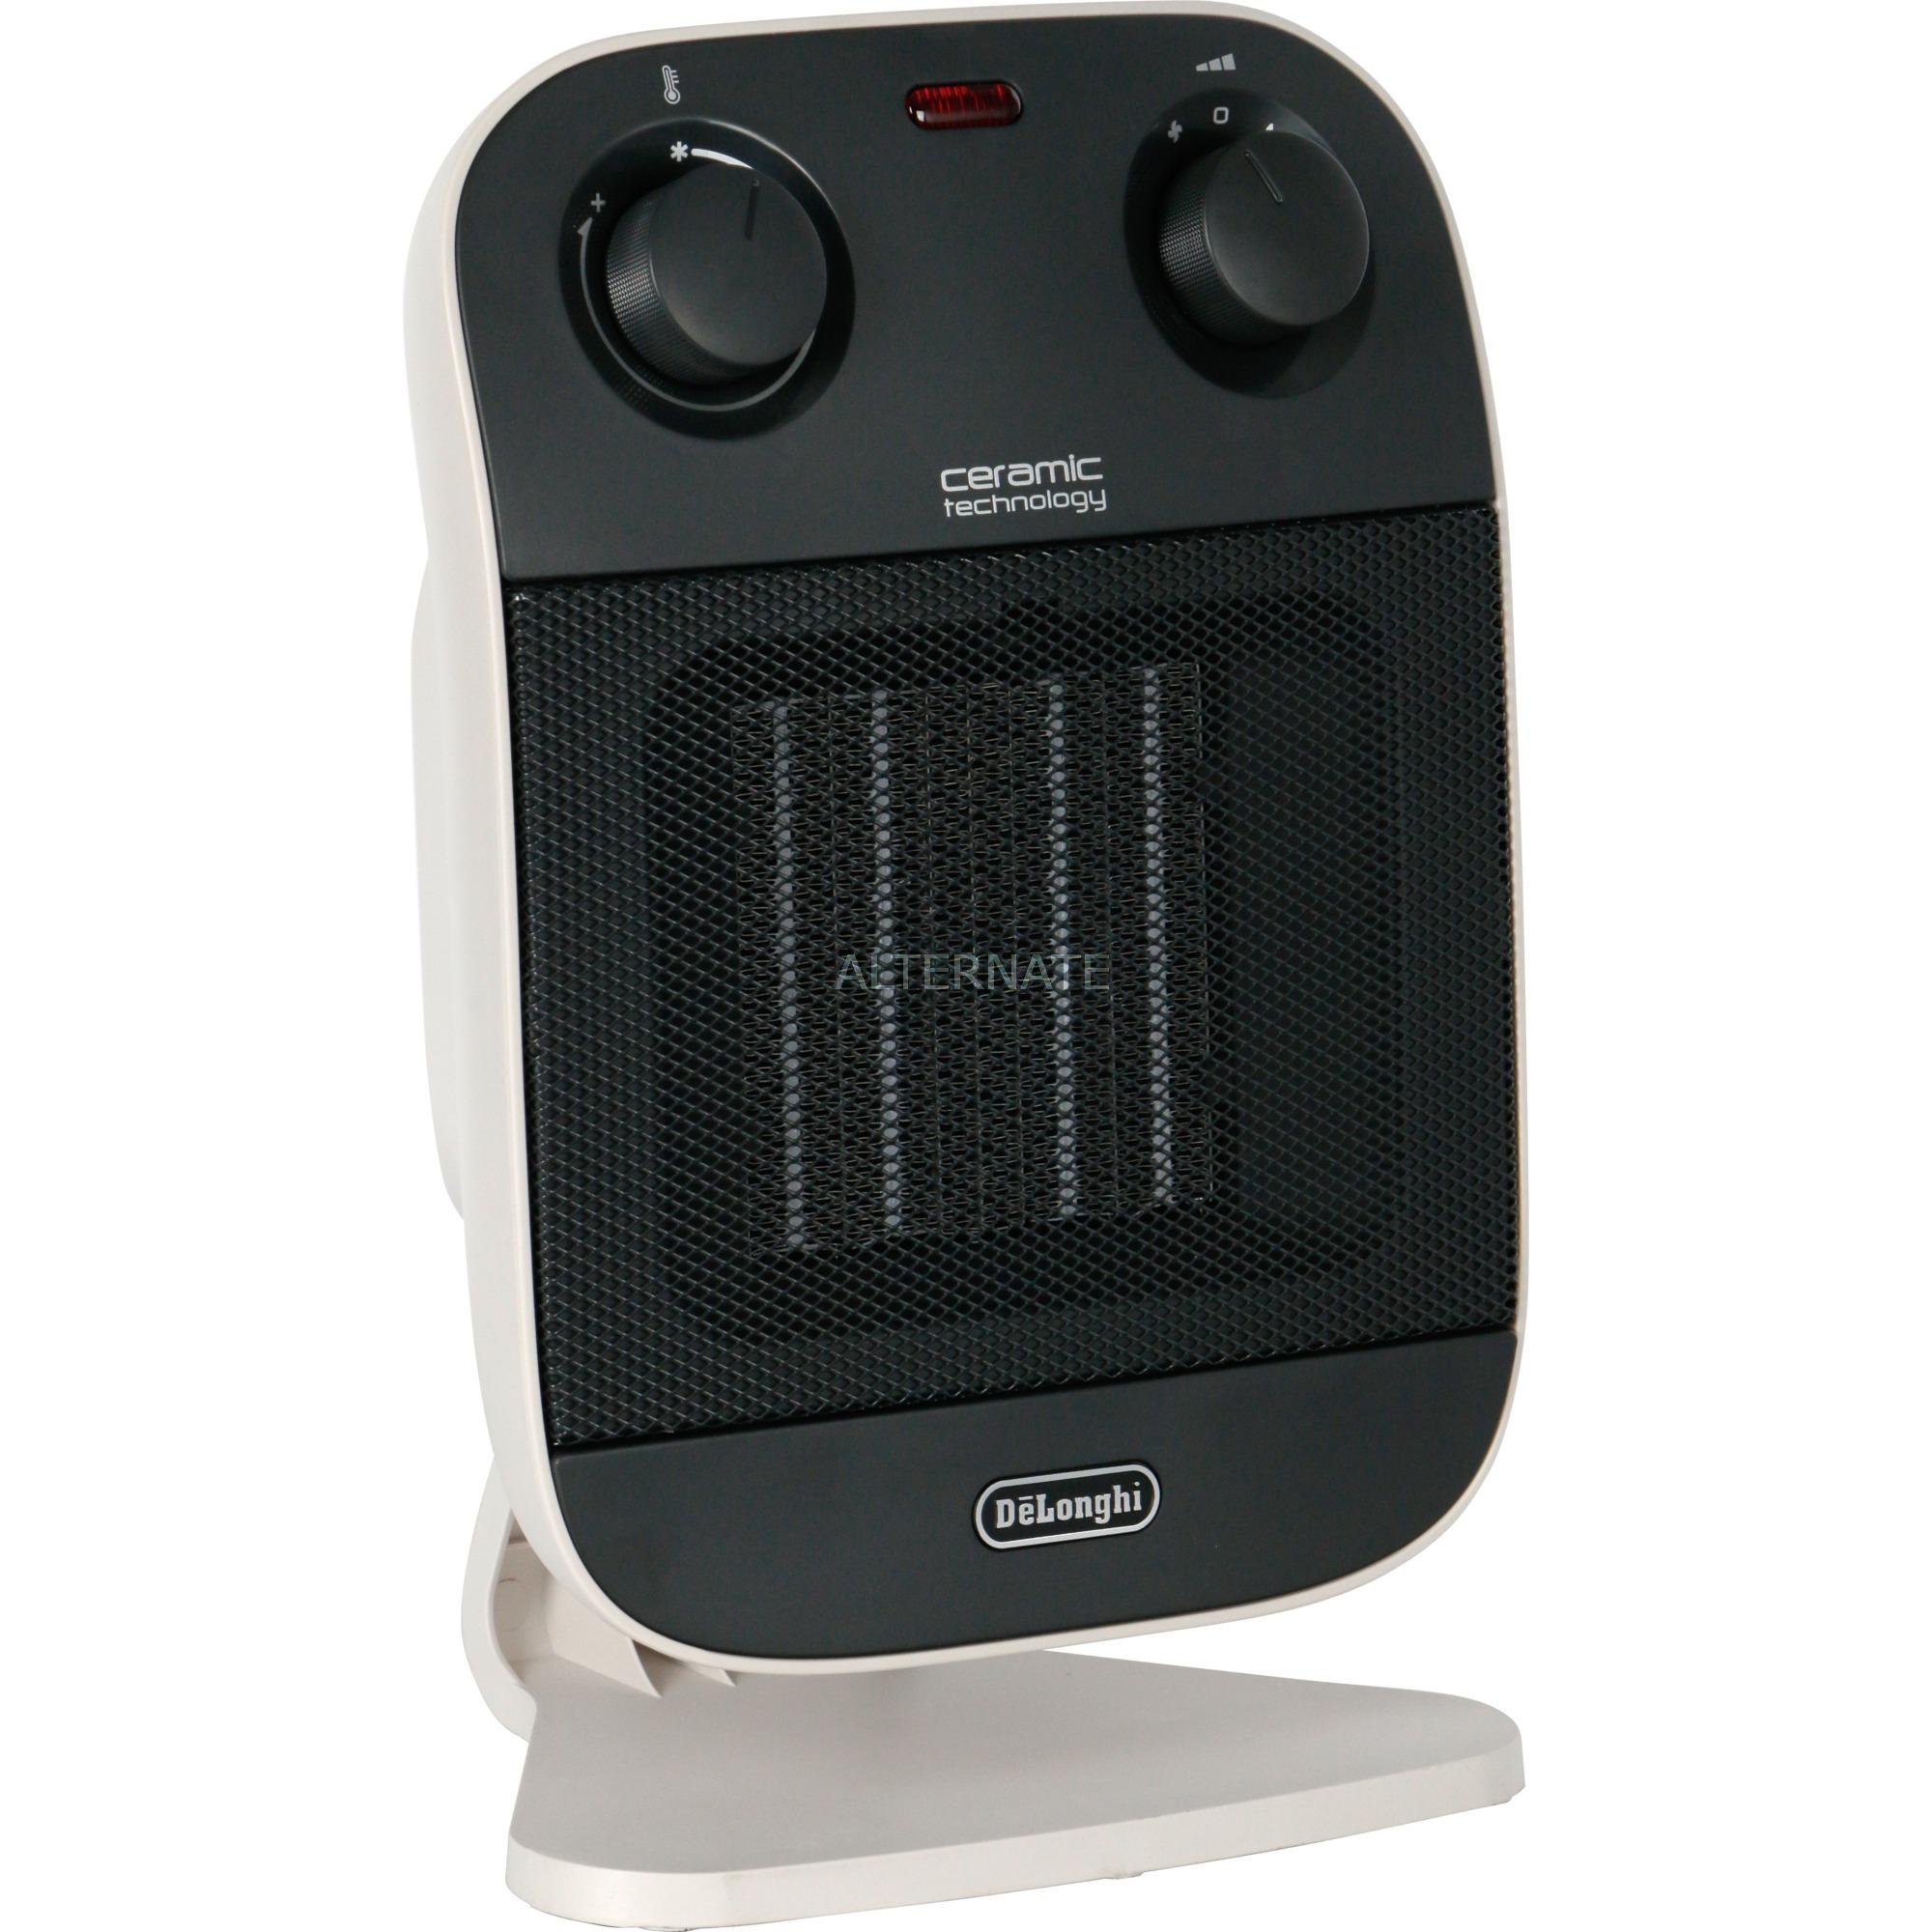 HFX60C20 Interior Negro, Blanco 2000W Calentador eléctrico de ventilador, Termoventiladores